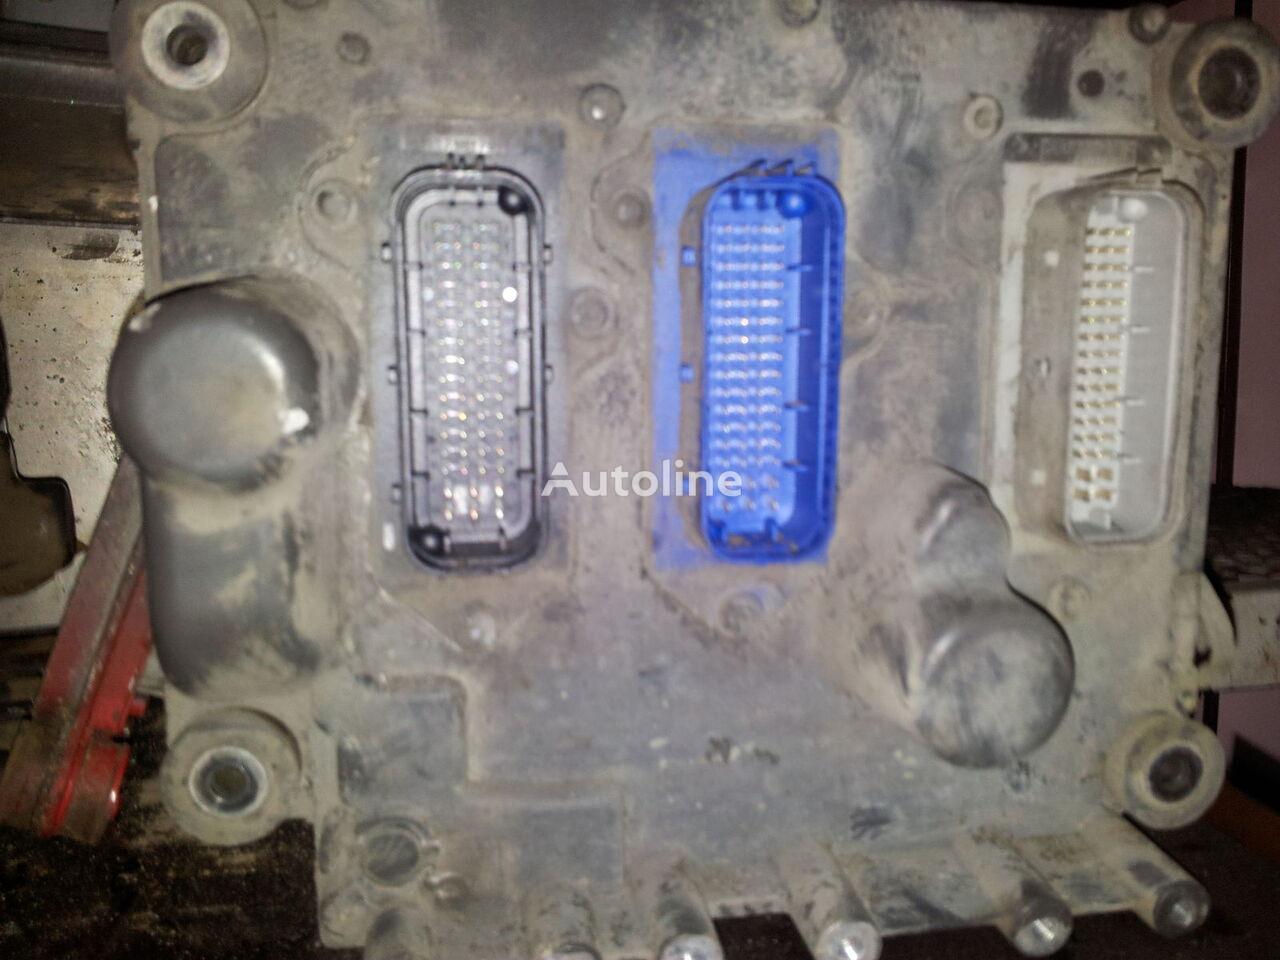 DAF 105XF EURO5 electronic control unit ECU EDC engine managment, engine control unit, DMCI 1679021; 1684367, 1664539, 1679021, 1684367, 1887331 control unit for DAF 105XF tractor unit